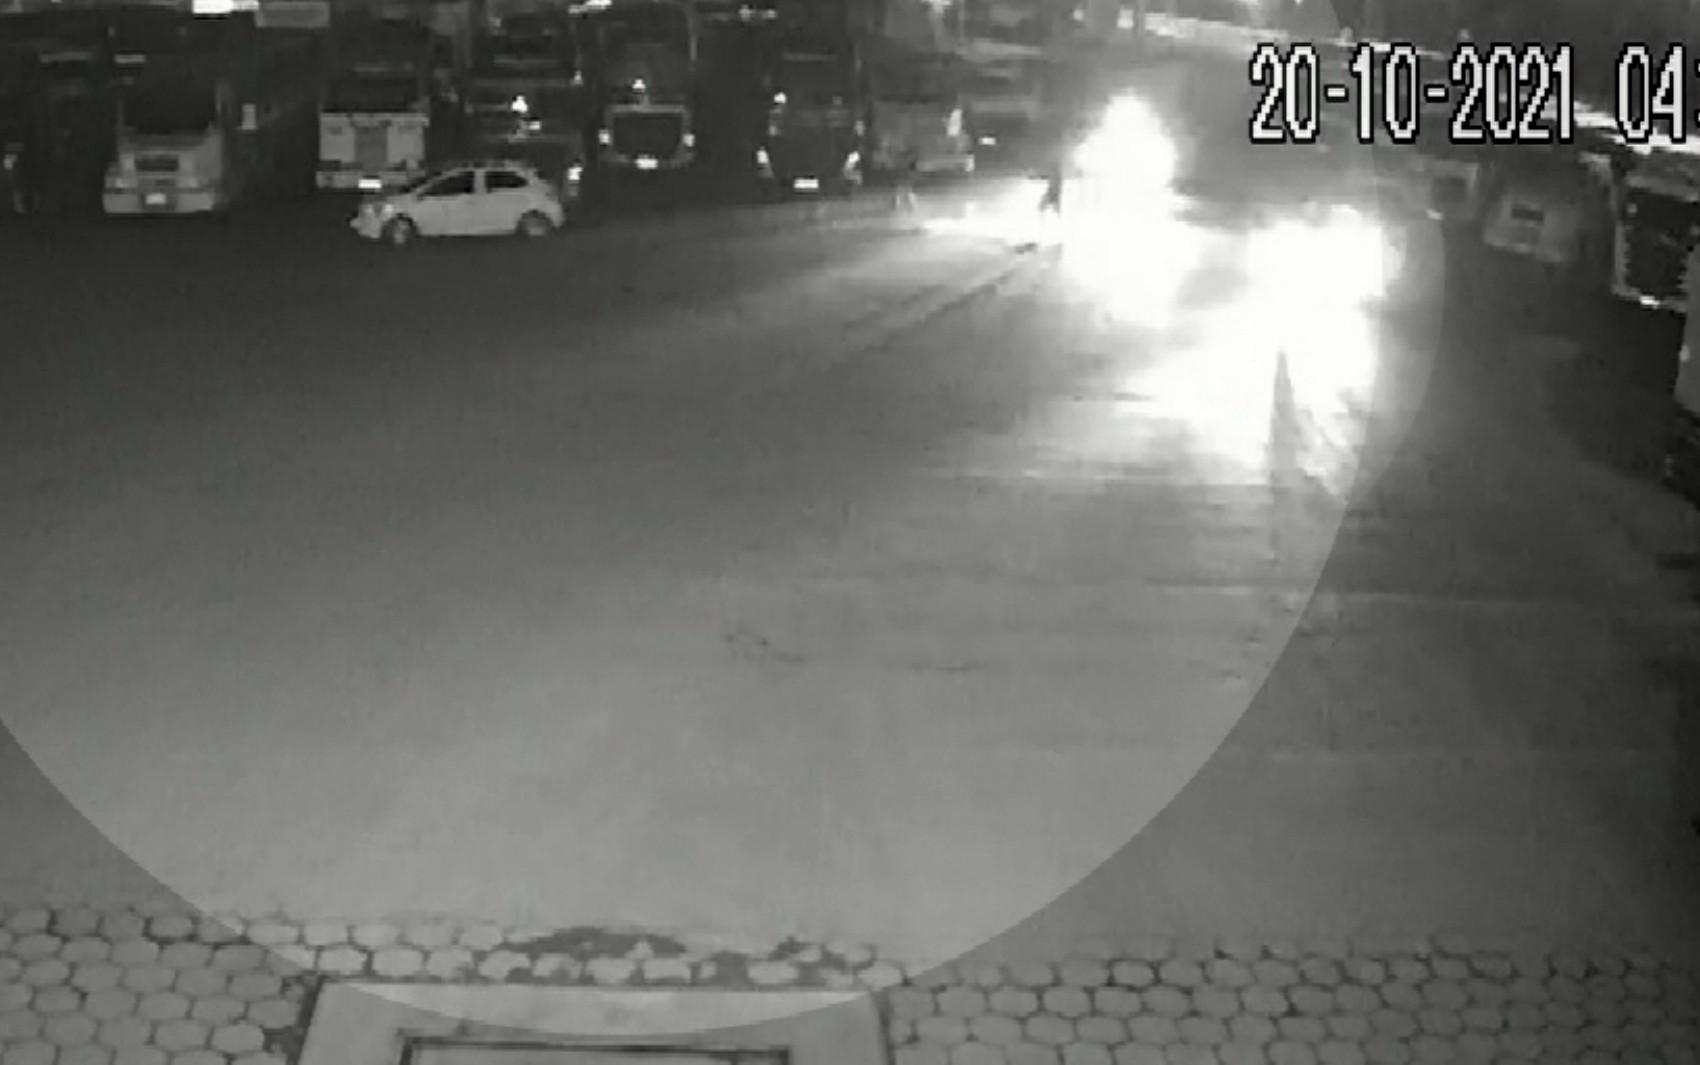 Mulher é perseguida e baleada por policiais à paisana após ser confundida com criminoso, em Valparaíso de Goiás, diz marido